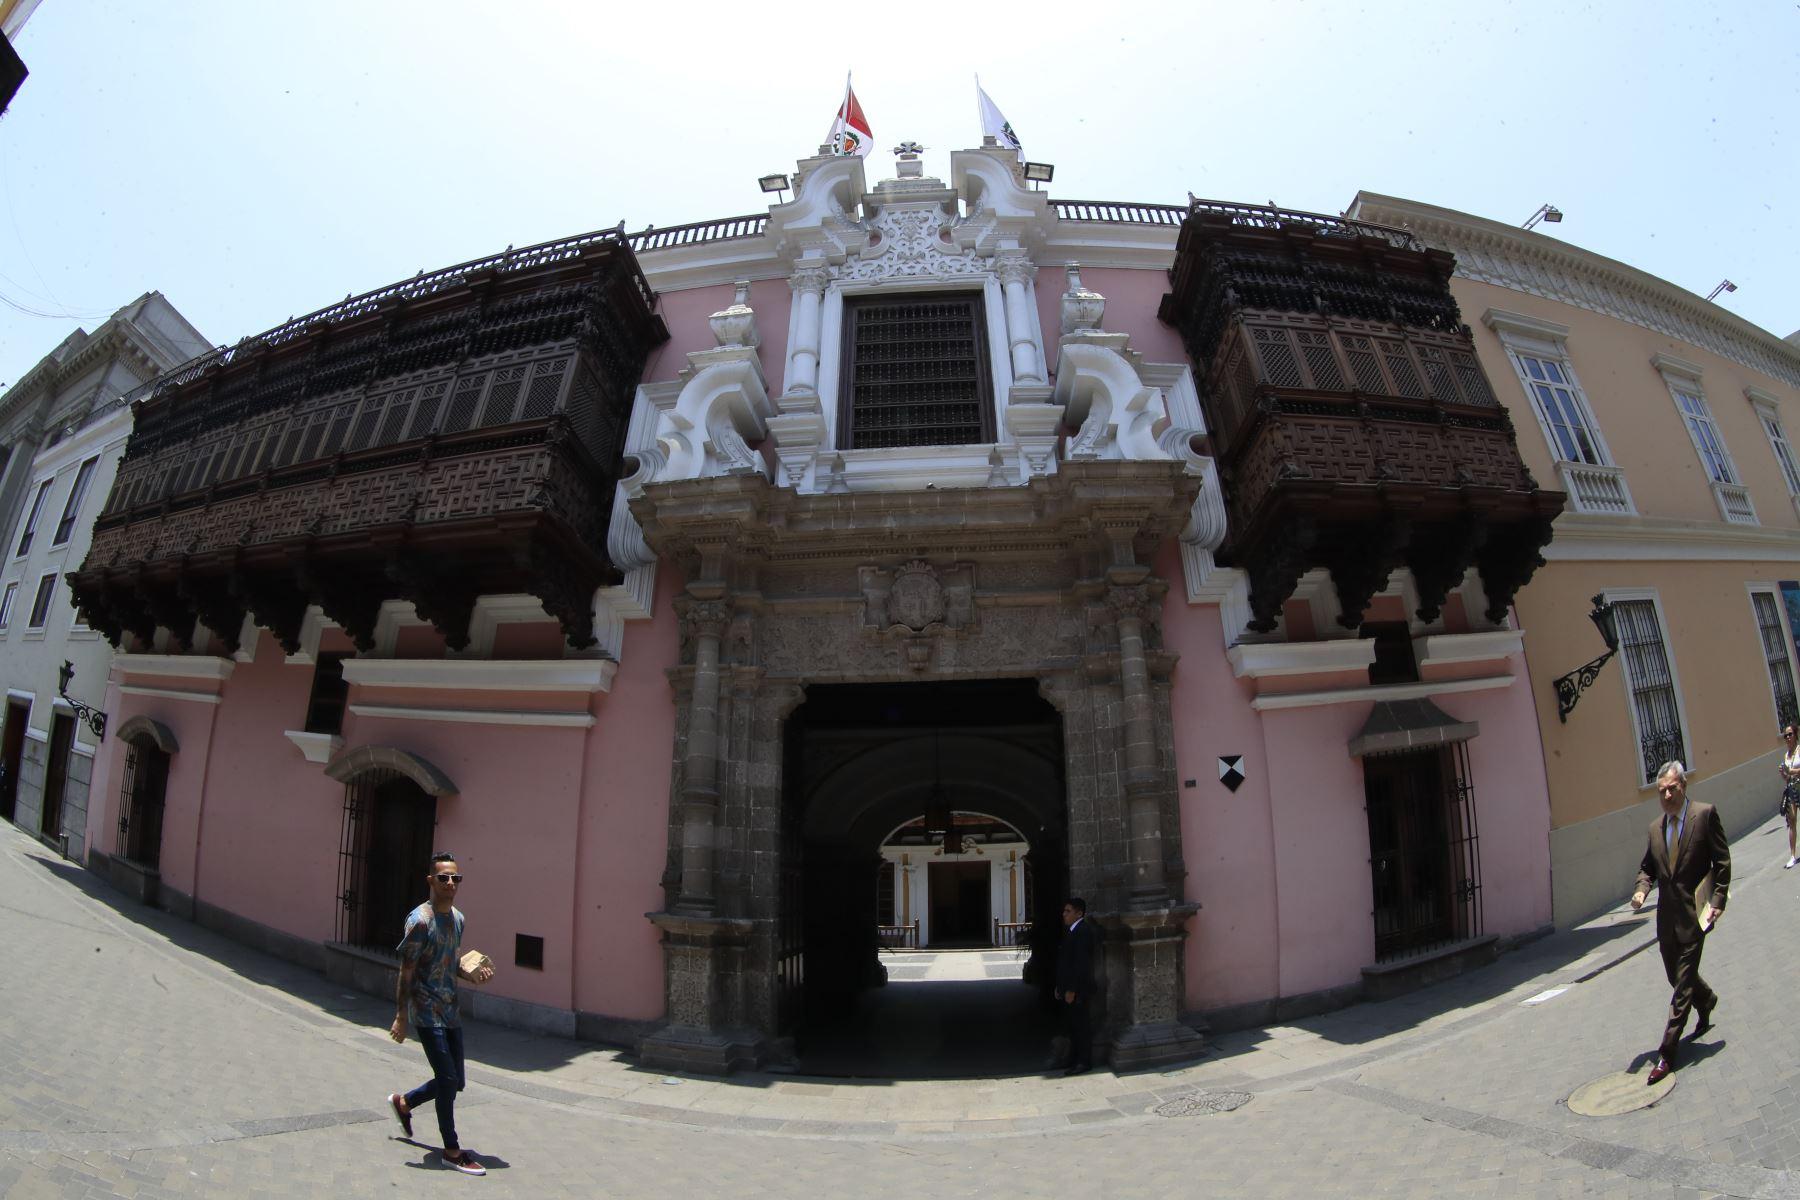 Fachada del Palacio de Torre Tagle, sede del Ministerio de Relaciones Exteriores del Perú. ANDINA/Juan Carlos Guzmán